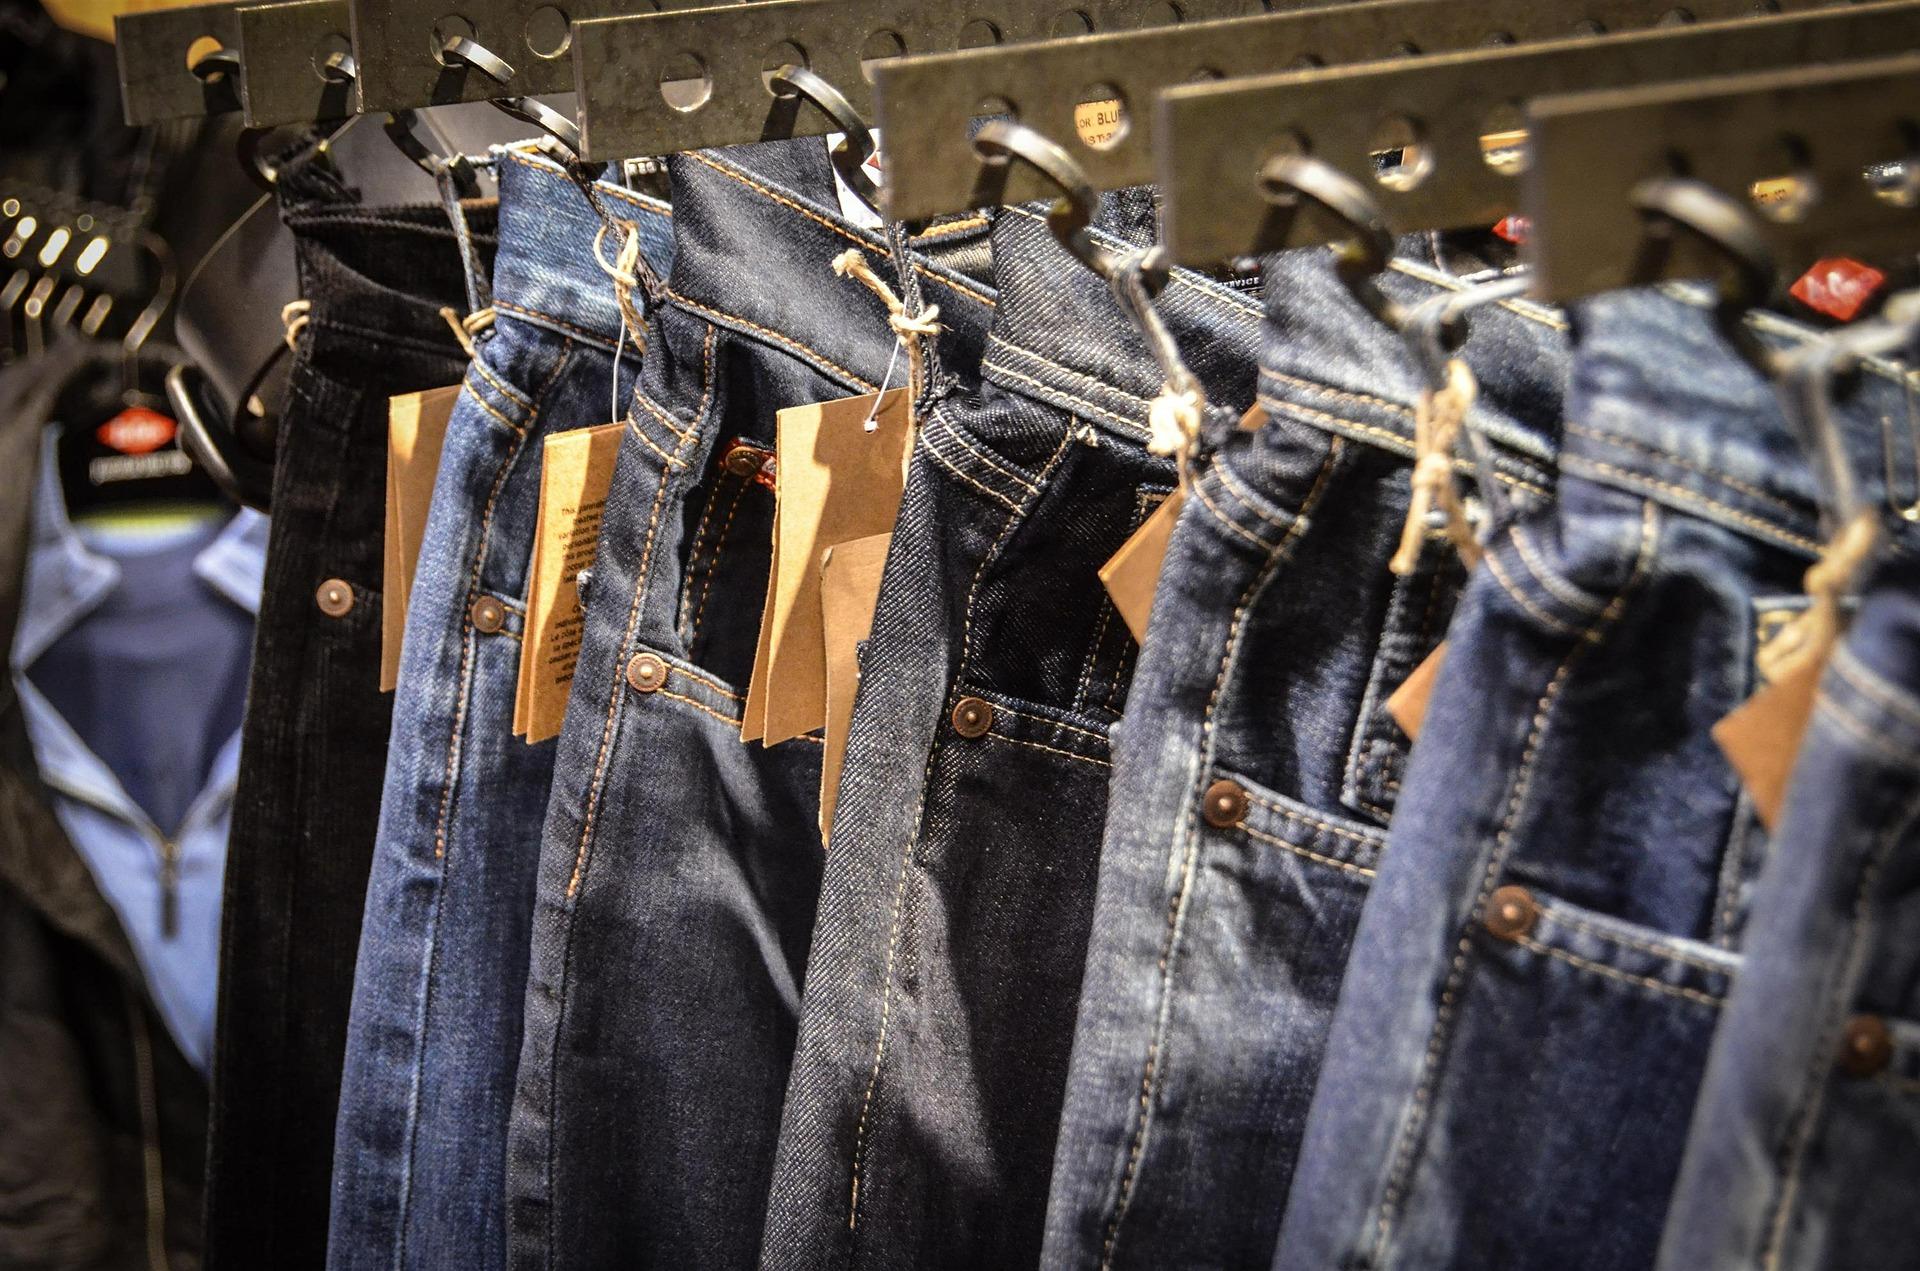 Hosenarten für Männer Jeans am Bügel